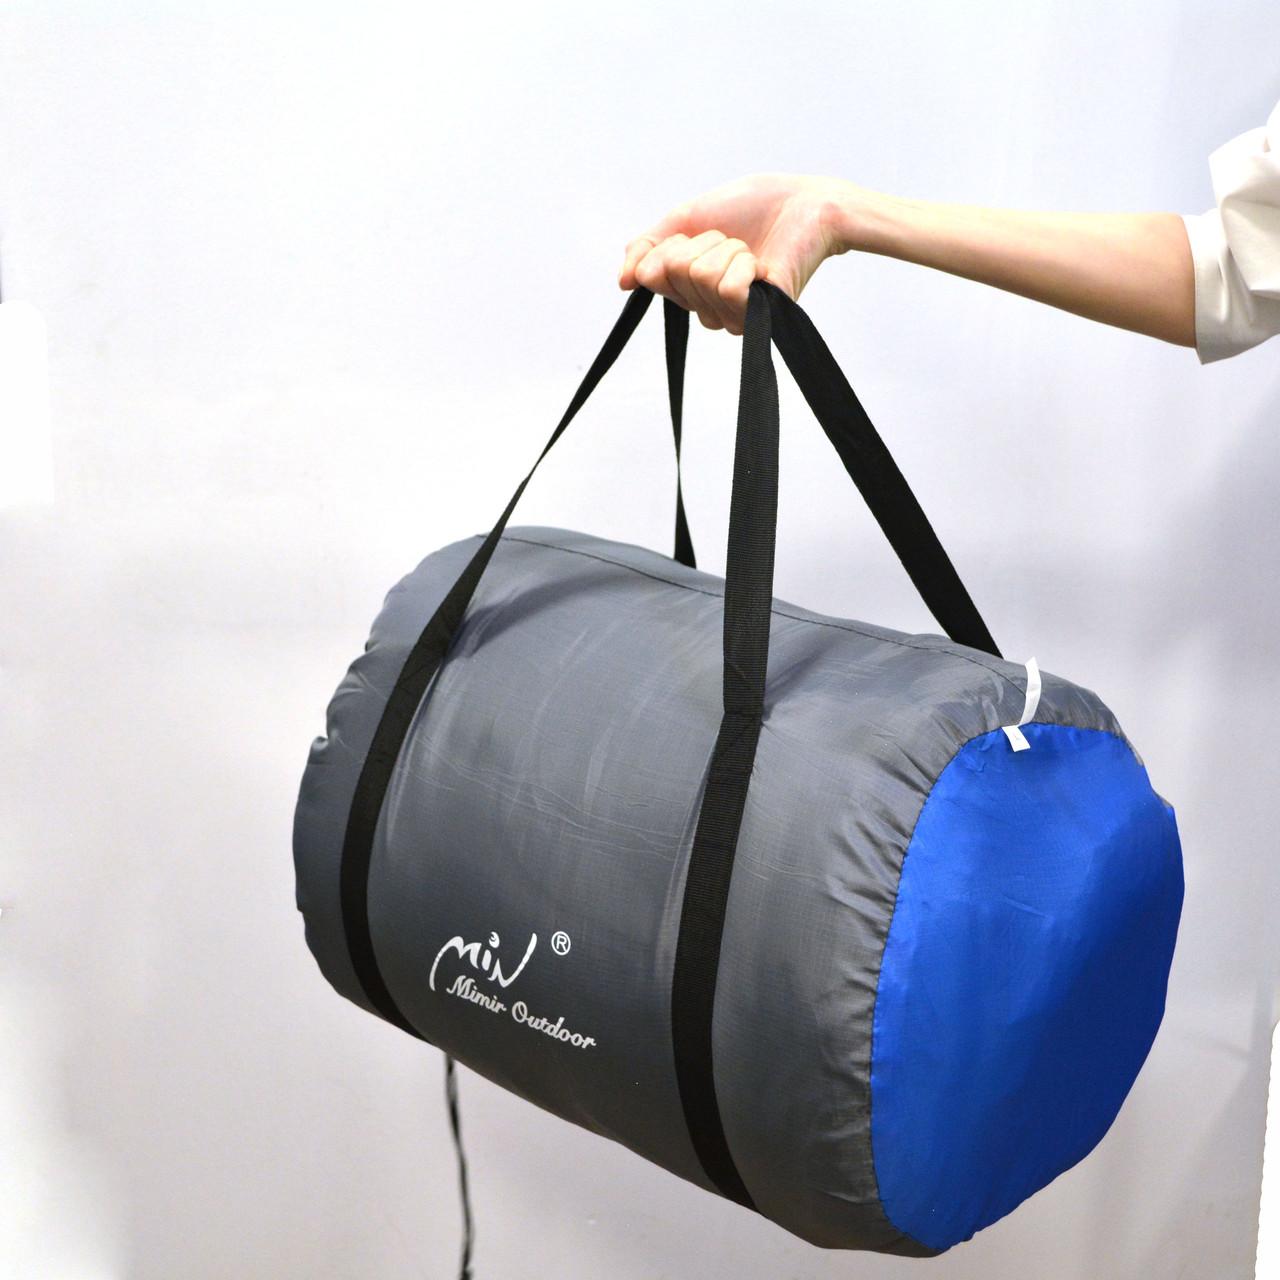 Спальный (туристический) мешок синтепоновый непромокаемый с левой молнией 230х90 см Mimir outdoor - фото 7